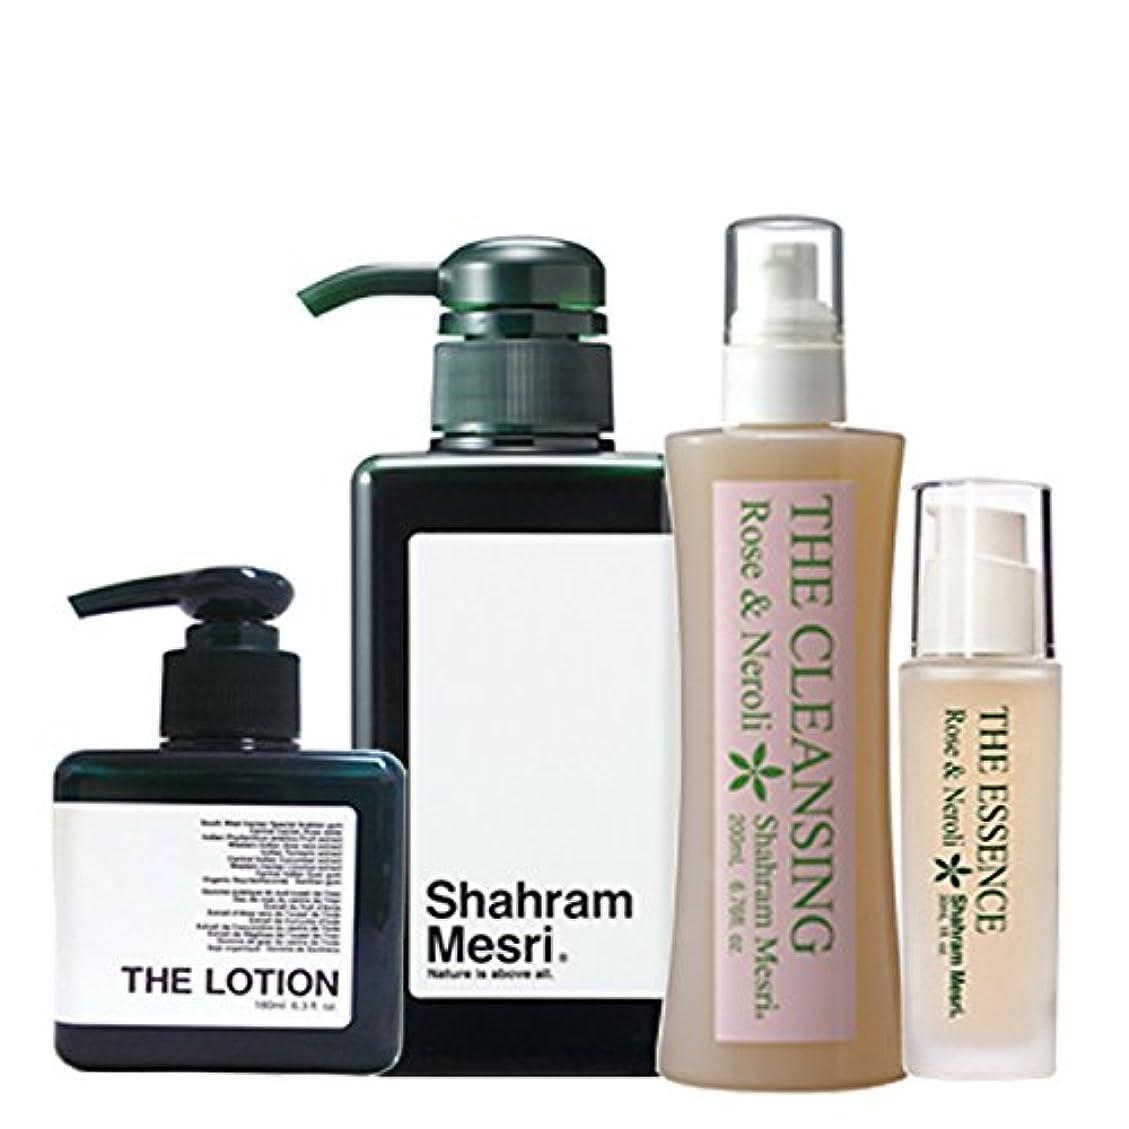 心配傷つきやすい付添人Shahram Mesri パーフェクトセット シャハランメスリ ザ?シャンプー ザ?ローション ザ?クレンジング ザ?エッセンス のセットです。 お化粧落としからシャンプーそしてローションエッセンスの仕上げまで お試しください。